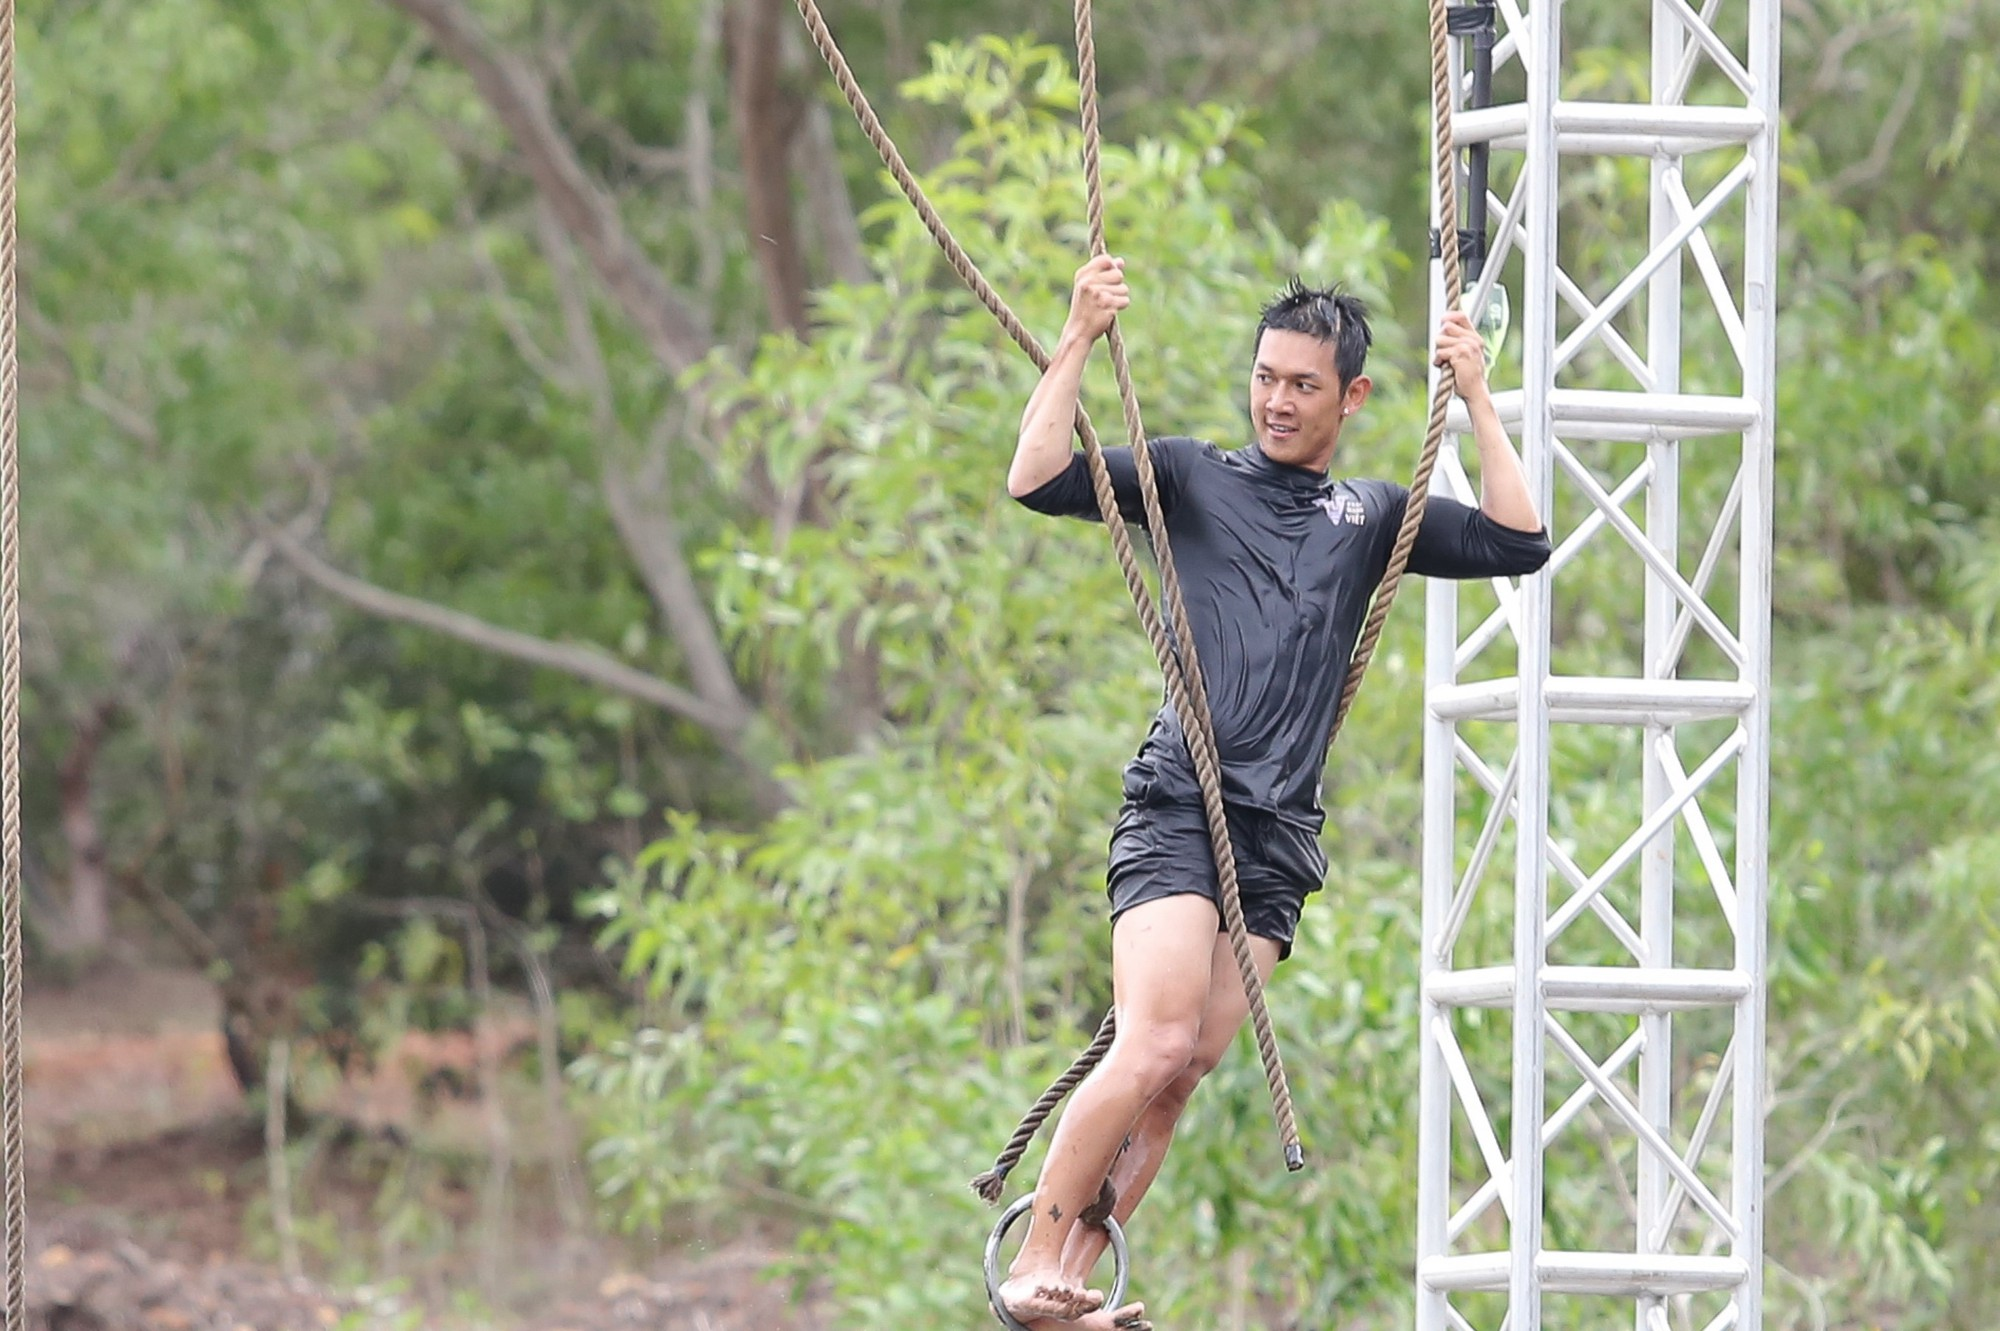 Dàn trai đẹp 6 múi Phái mạnh Việt: Đại náo Running Man, gây sốt Người ấy là ai - Ảnh 7.